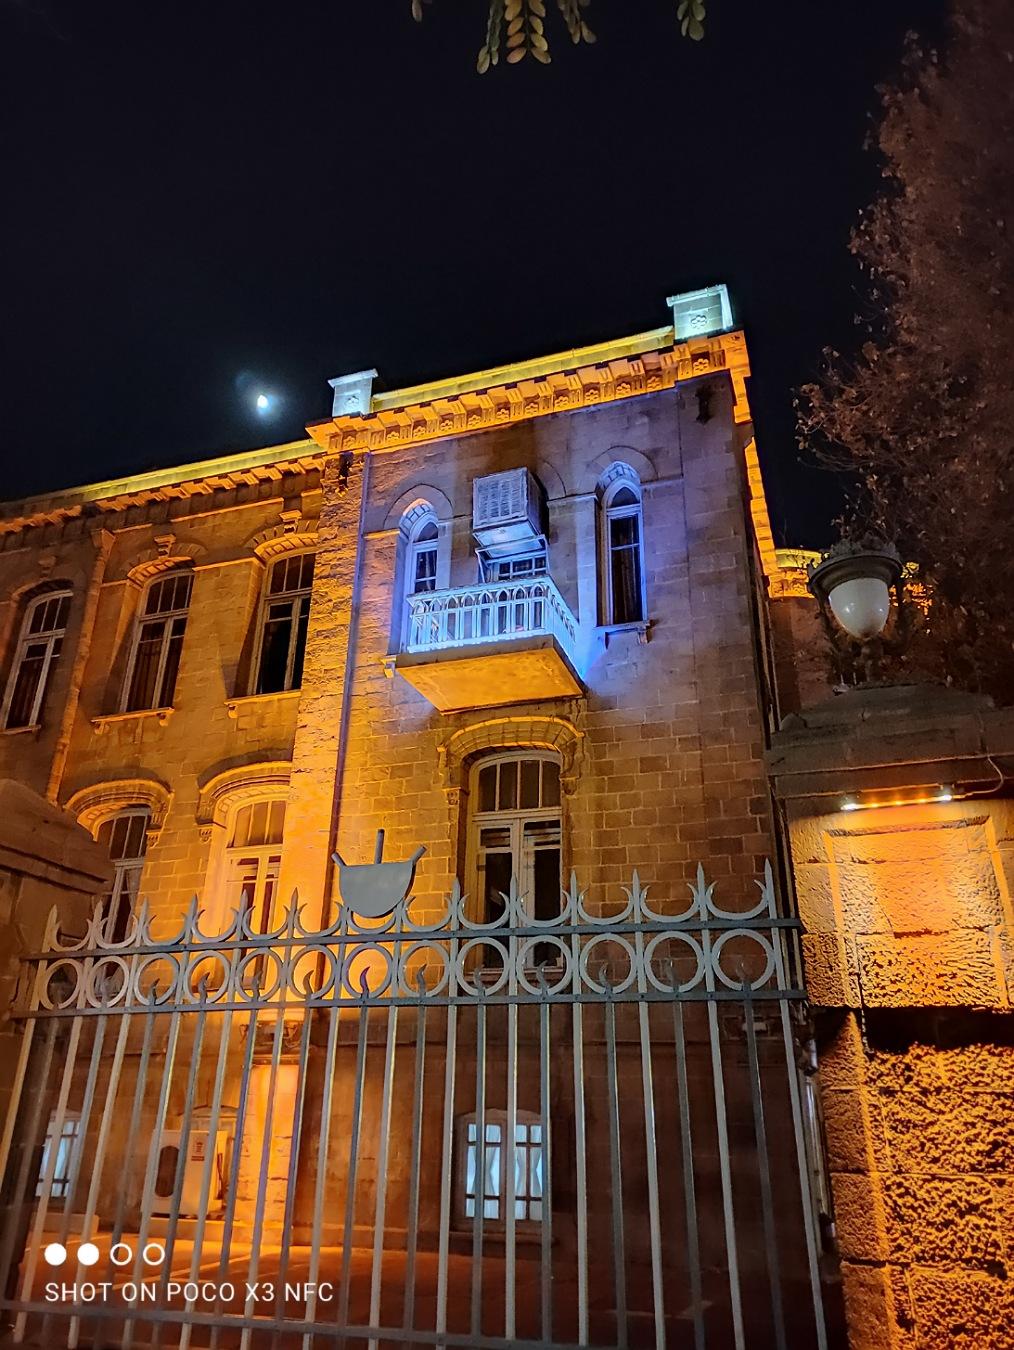 دوربین اصلی پوکو ایکس ۳ در شب با نایت مود روشن